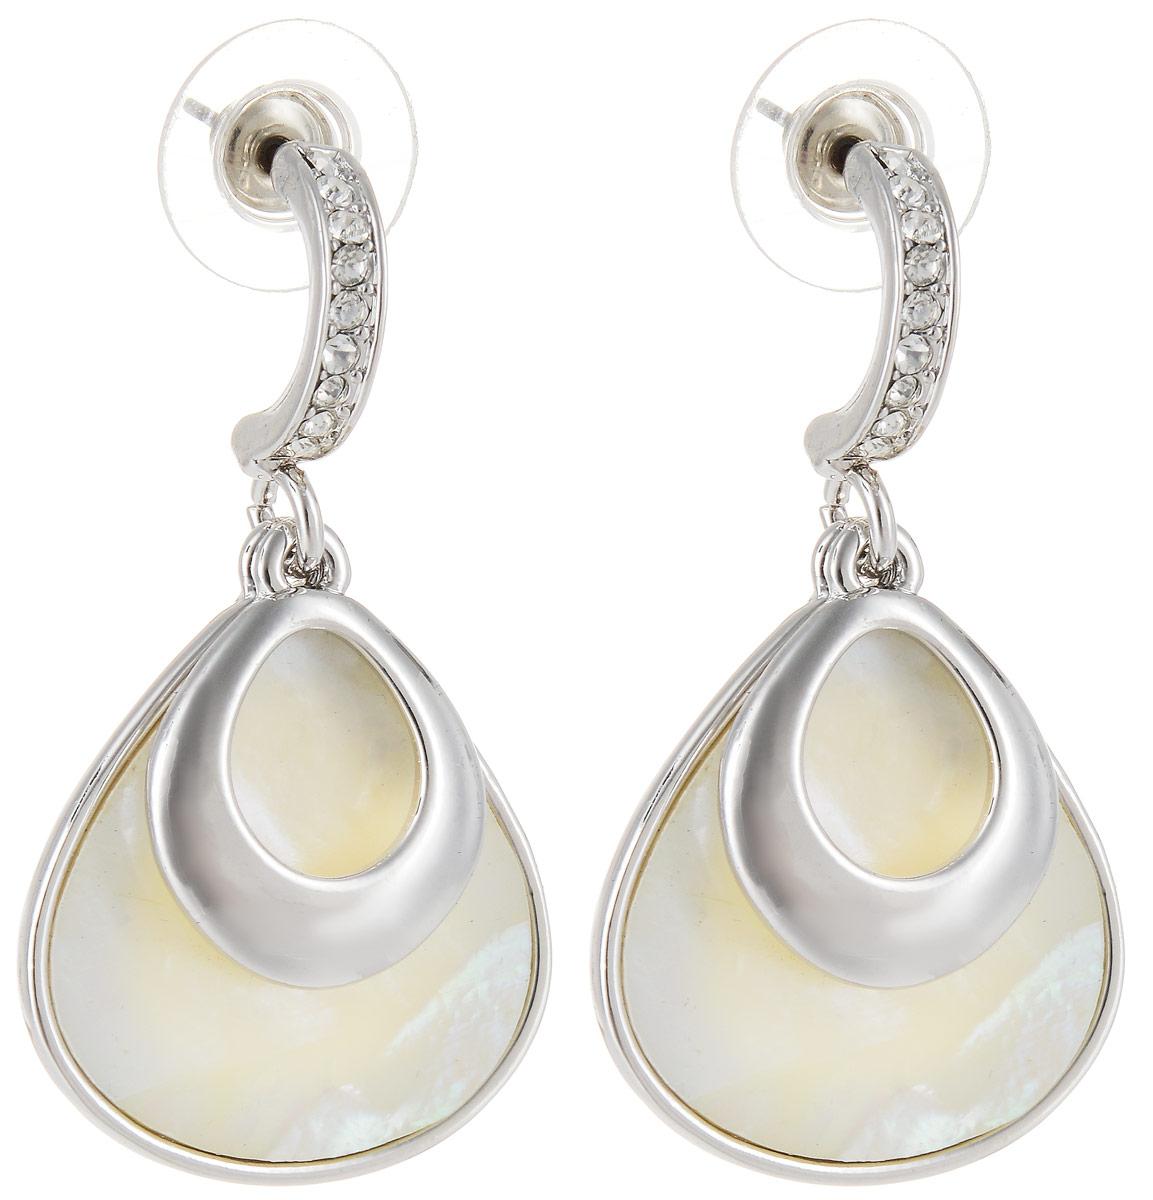 Серьги Art-Silver, цвет: серебряный. 058591-550058591-550Стильные серьги Art-Silver выполнены из бижутерного сплава. Серьги оформлены оригинальными декоративными вставками. Серьги выполнены с замками-гвоздиками. Такие серьги будут ярким дополнением вашего образа.